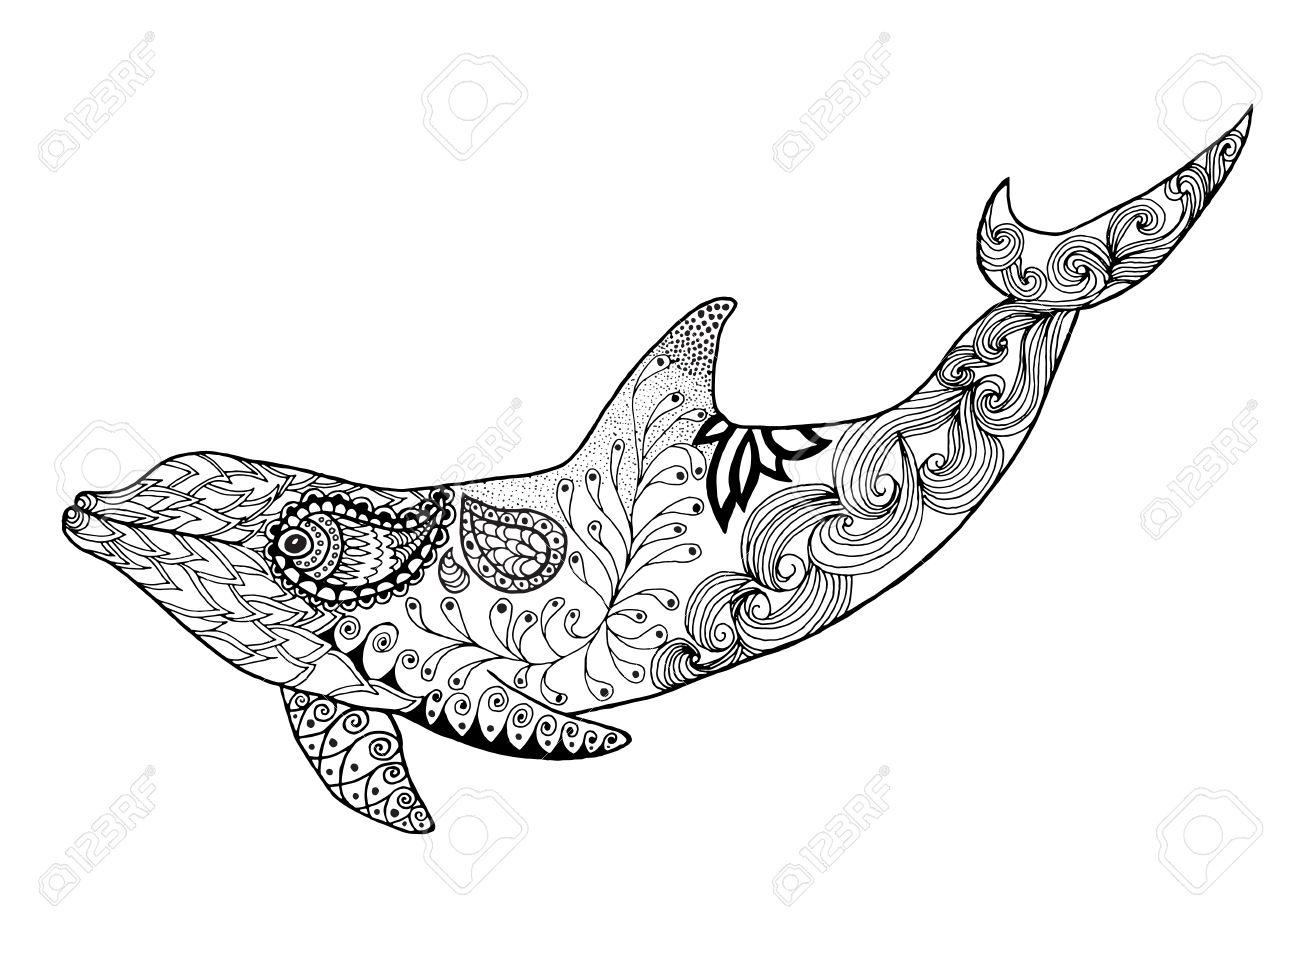 Netter Delphin Erwachsene Antistress Malvorlagen Schwarz Weiße